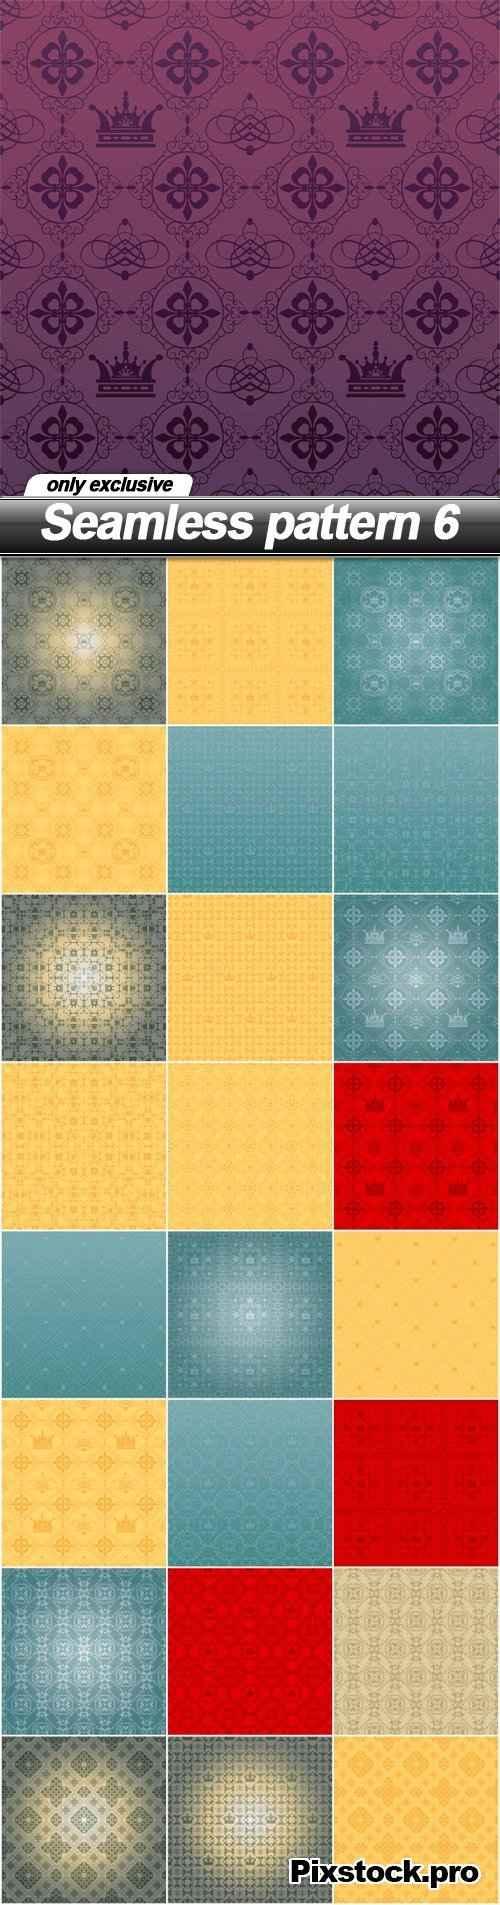 Seamless pattern 6 – 25 EPS